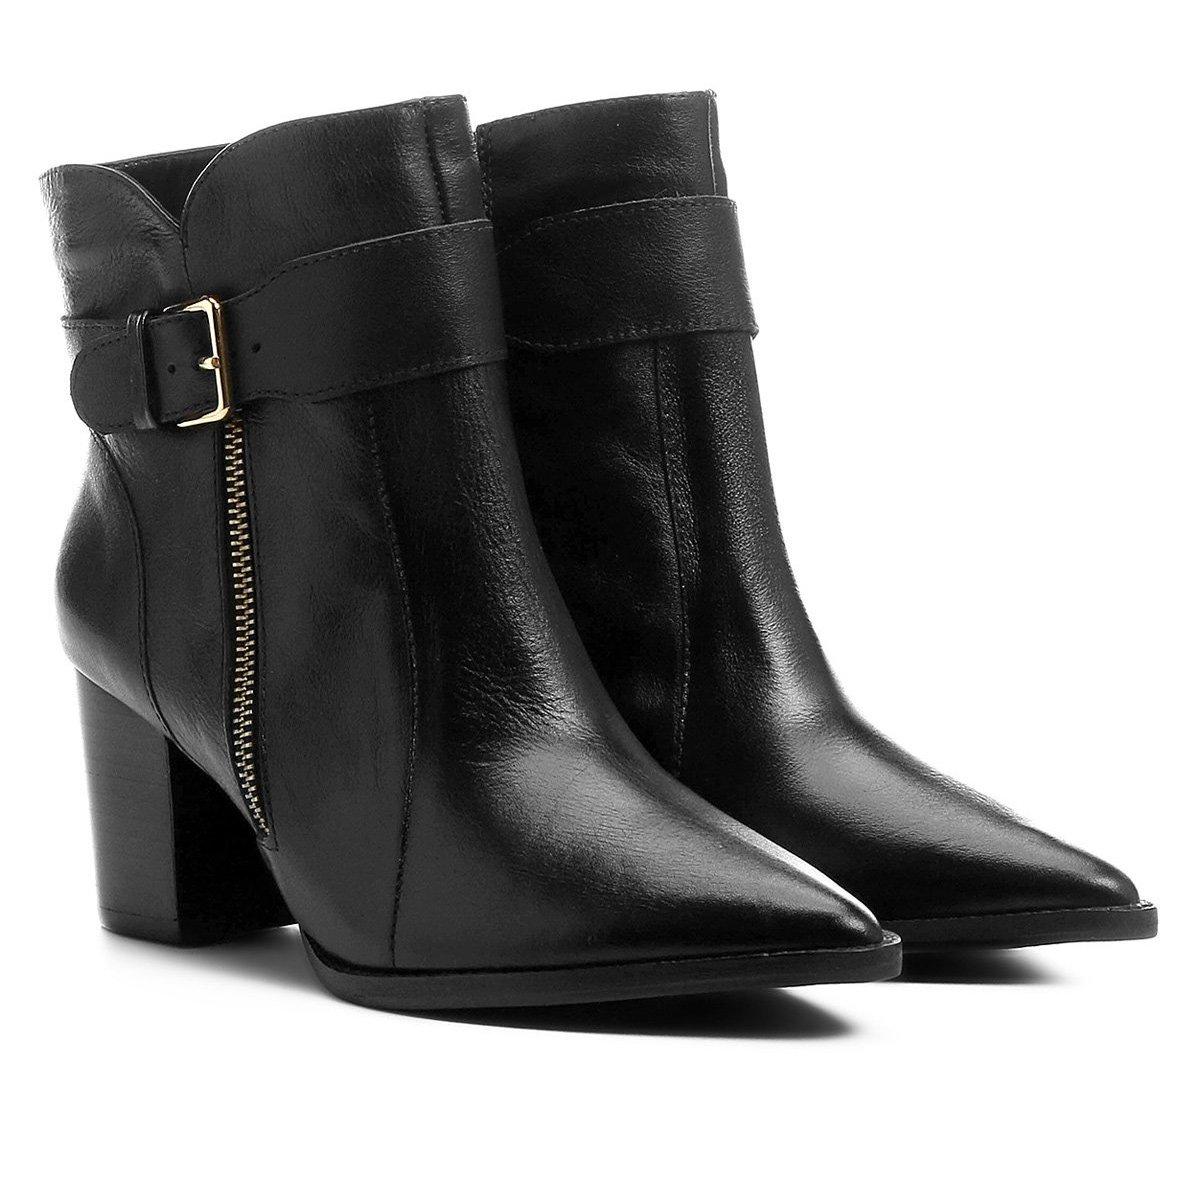 9963615c0 Bota Couro Shoestock Cano Curto Bico Fino Feminina - Preto - Compre Agora